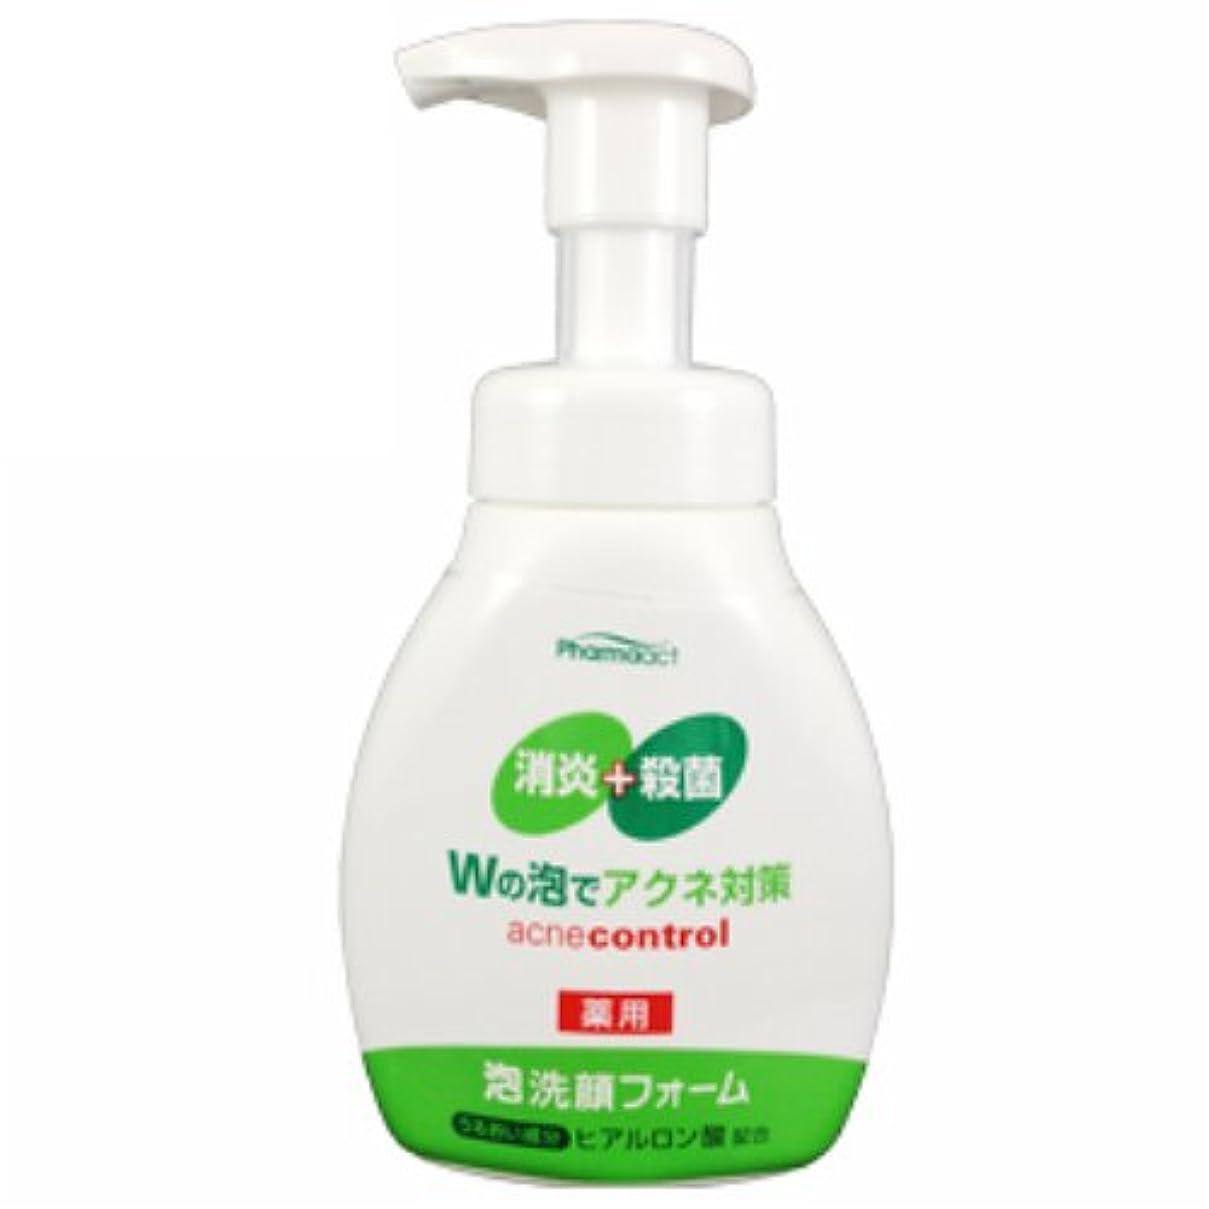 繁殖水差し建設ファーマアクト アクネ対策 薬用 泡洗顔フォーム 180ml